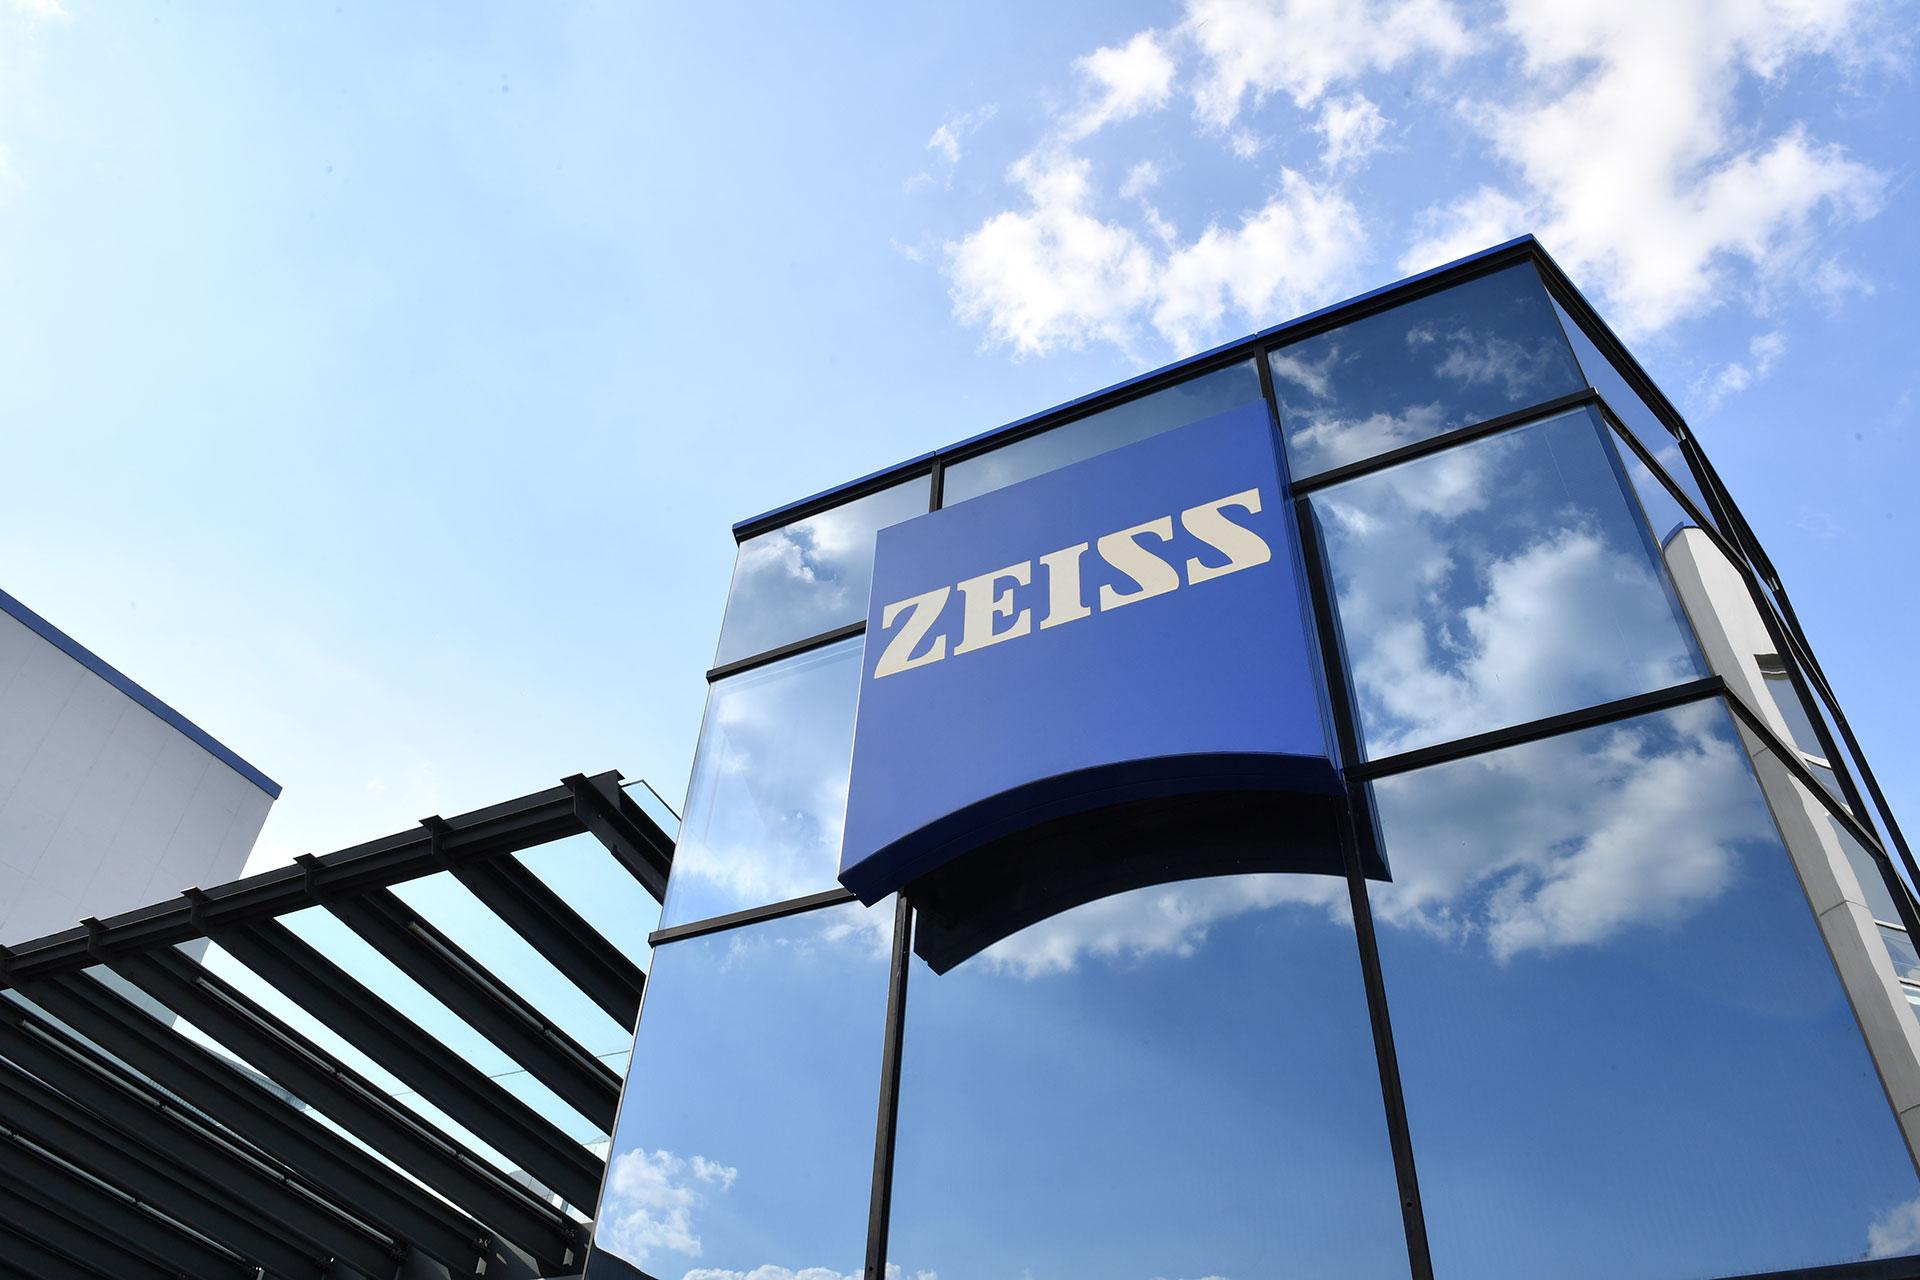 Ống kính quang học của ZEISS đã khẳng định được chất lượng hơn 170 năm qua.